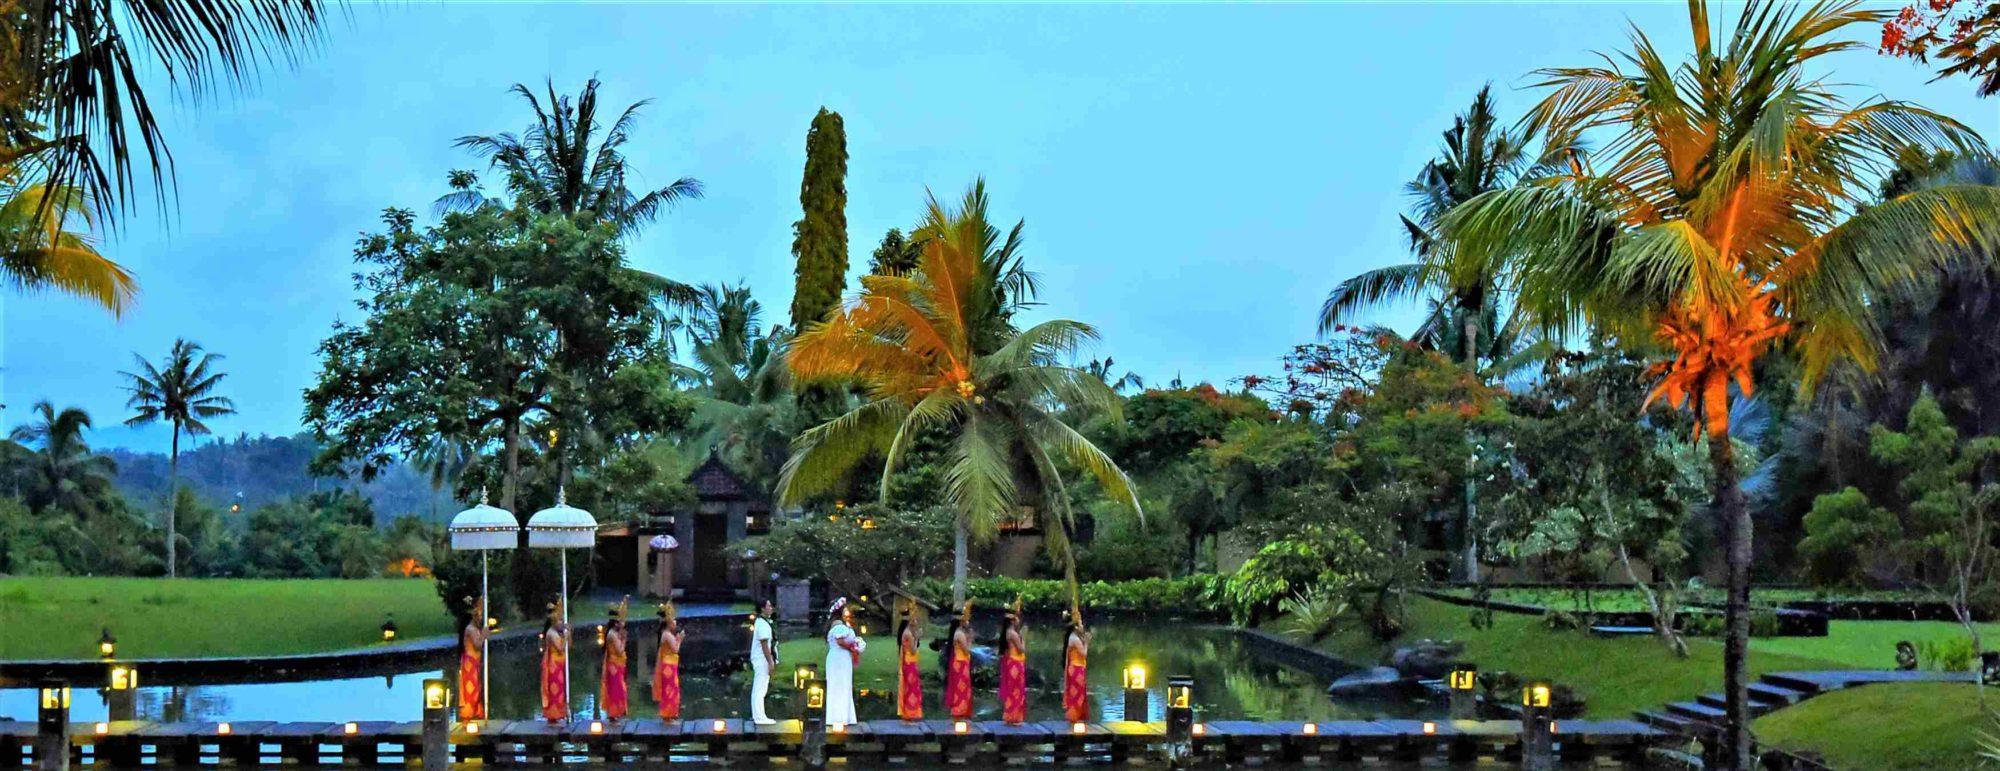 バリ島ウブド・ウェデイング The Chedi Club Tanah Gajah Ubud Bali ザ・チェディ・クラブ・タナガジャ・ウブド・バリ